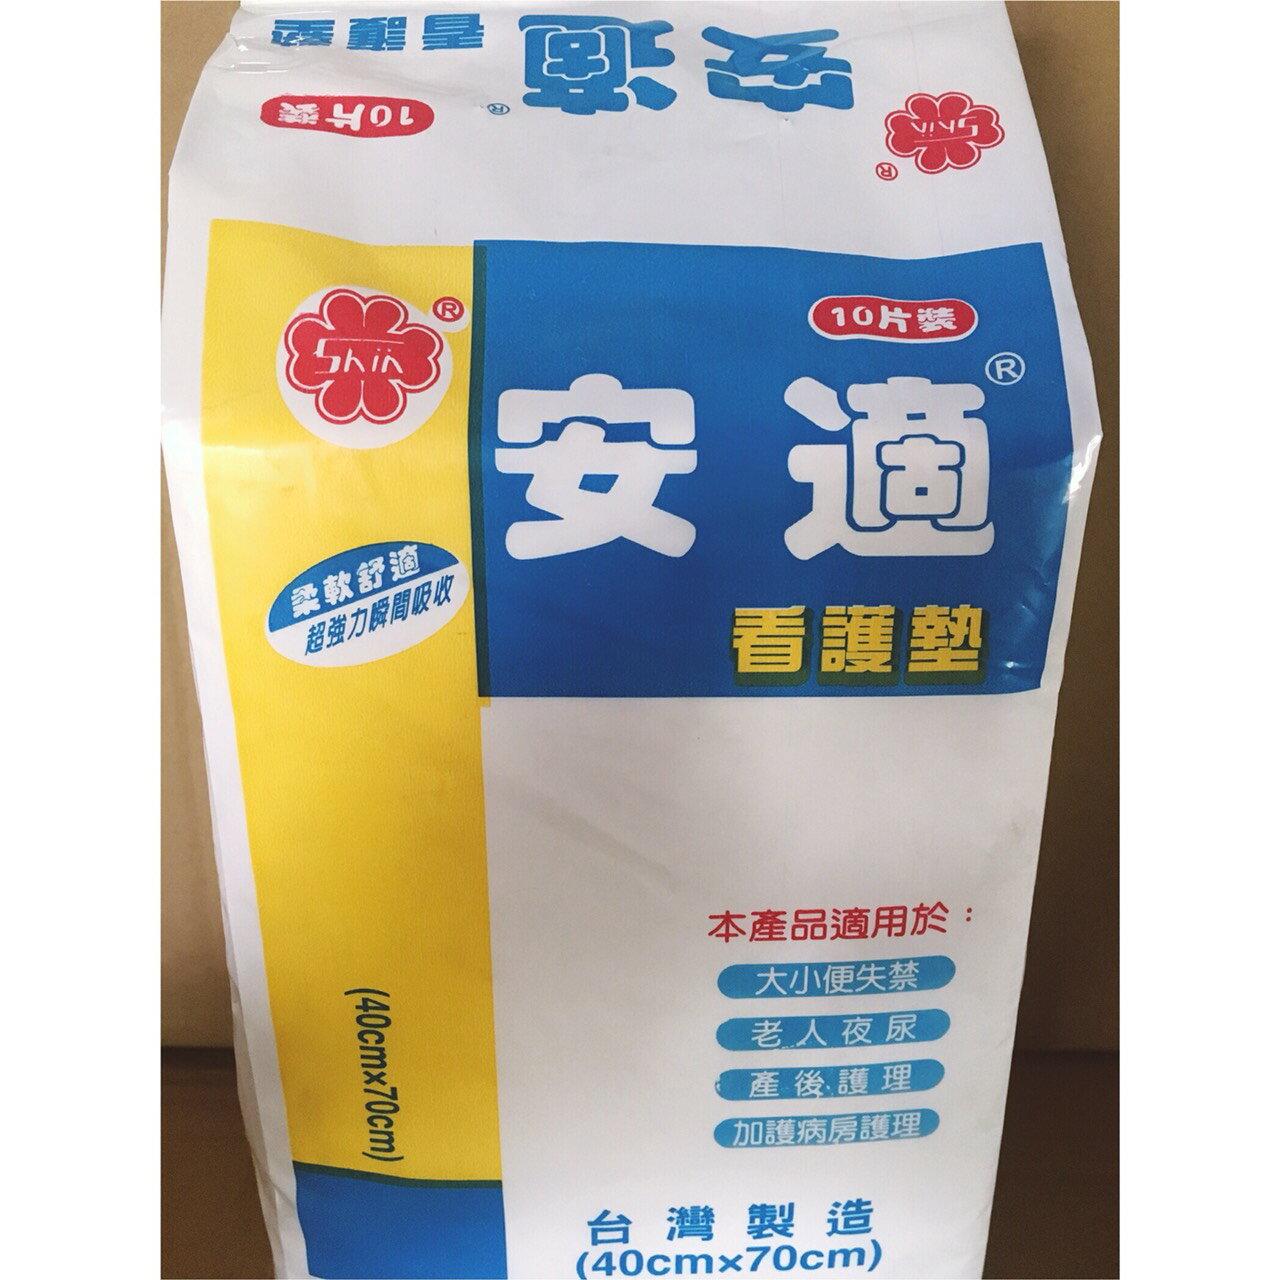 安適-看護墊M (40*70cm) 10片x18包/箱